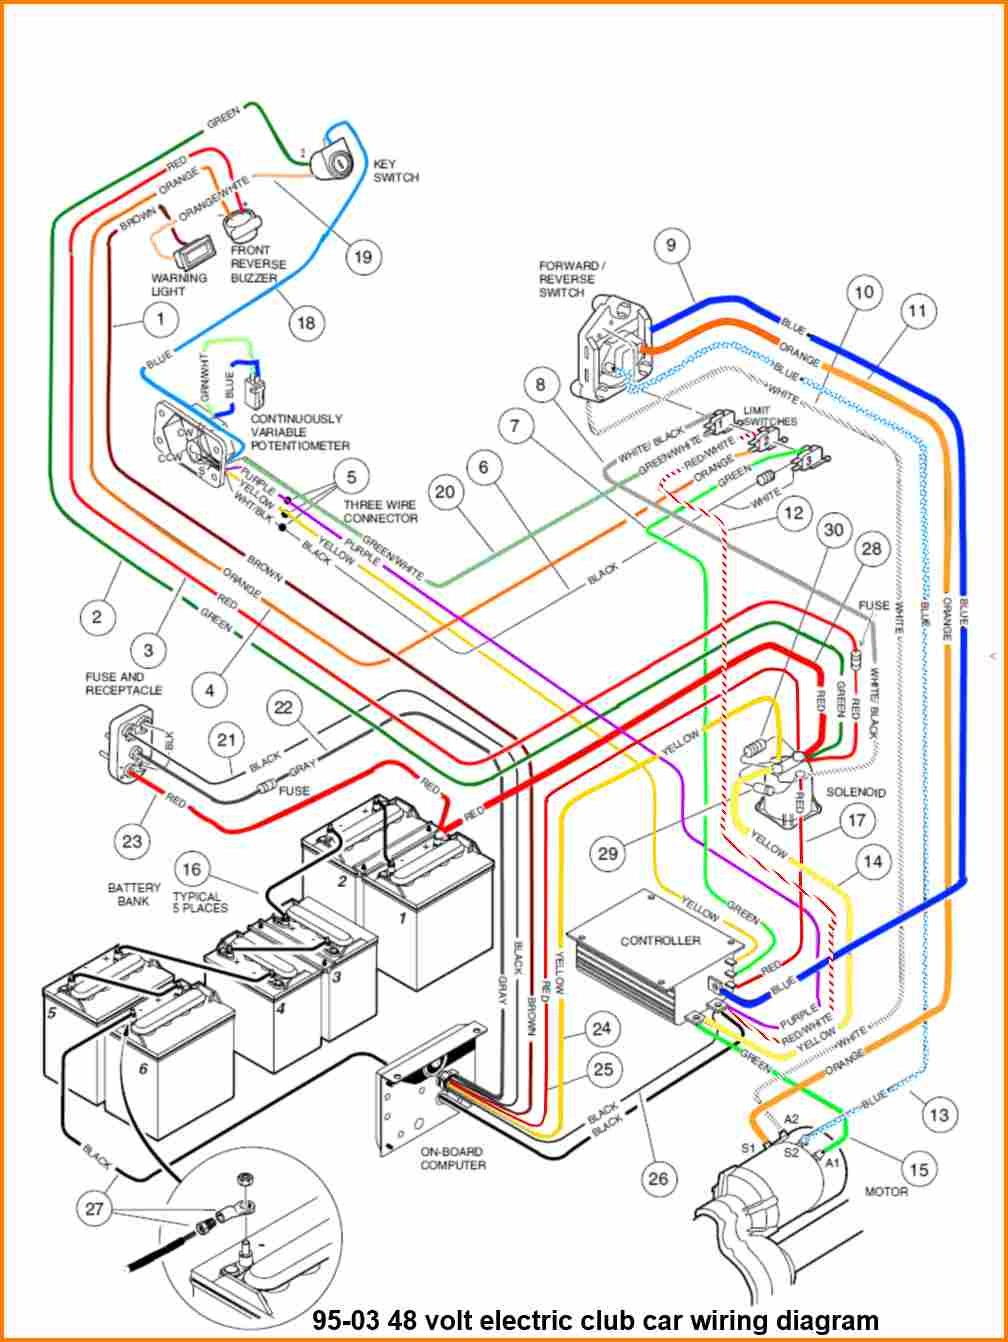 1982 Club Car Wiring Diagram 5ad d287e Ingersoll Rand